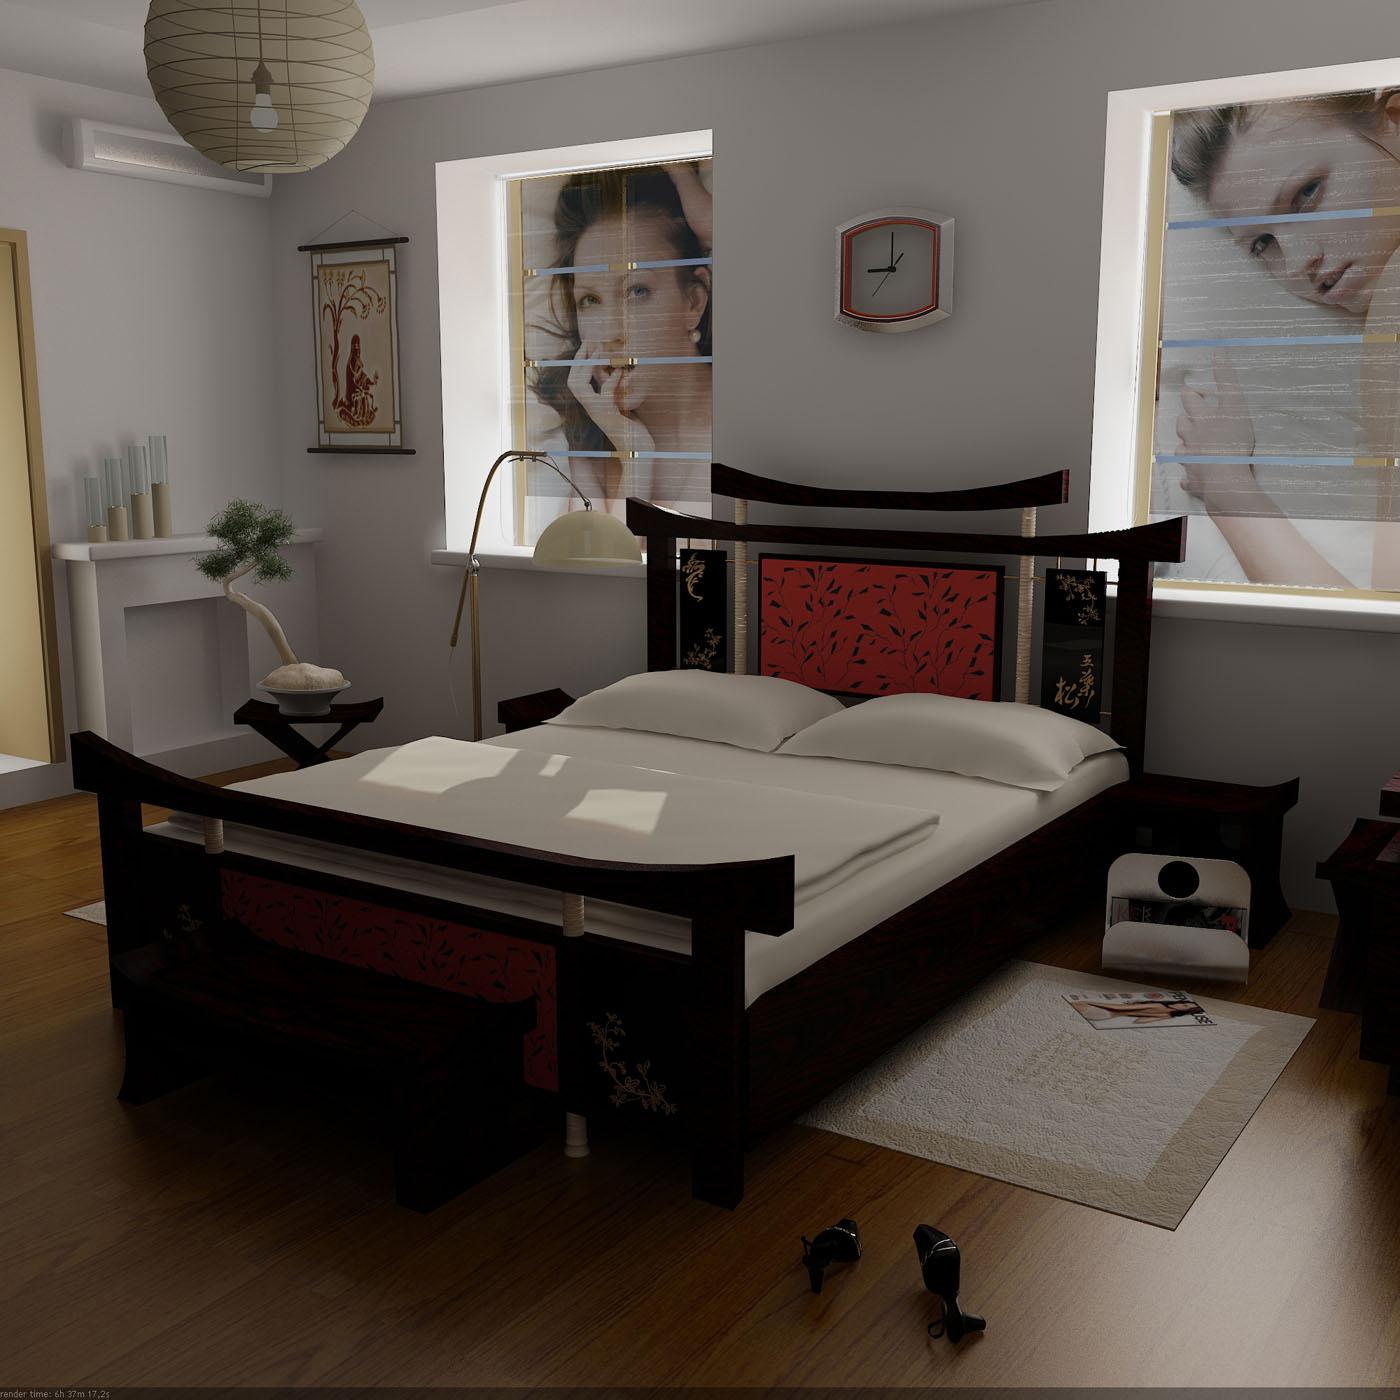 Черно-красное оформление современной кровати